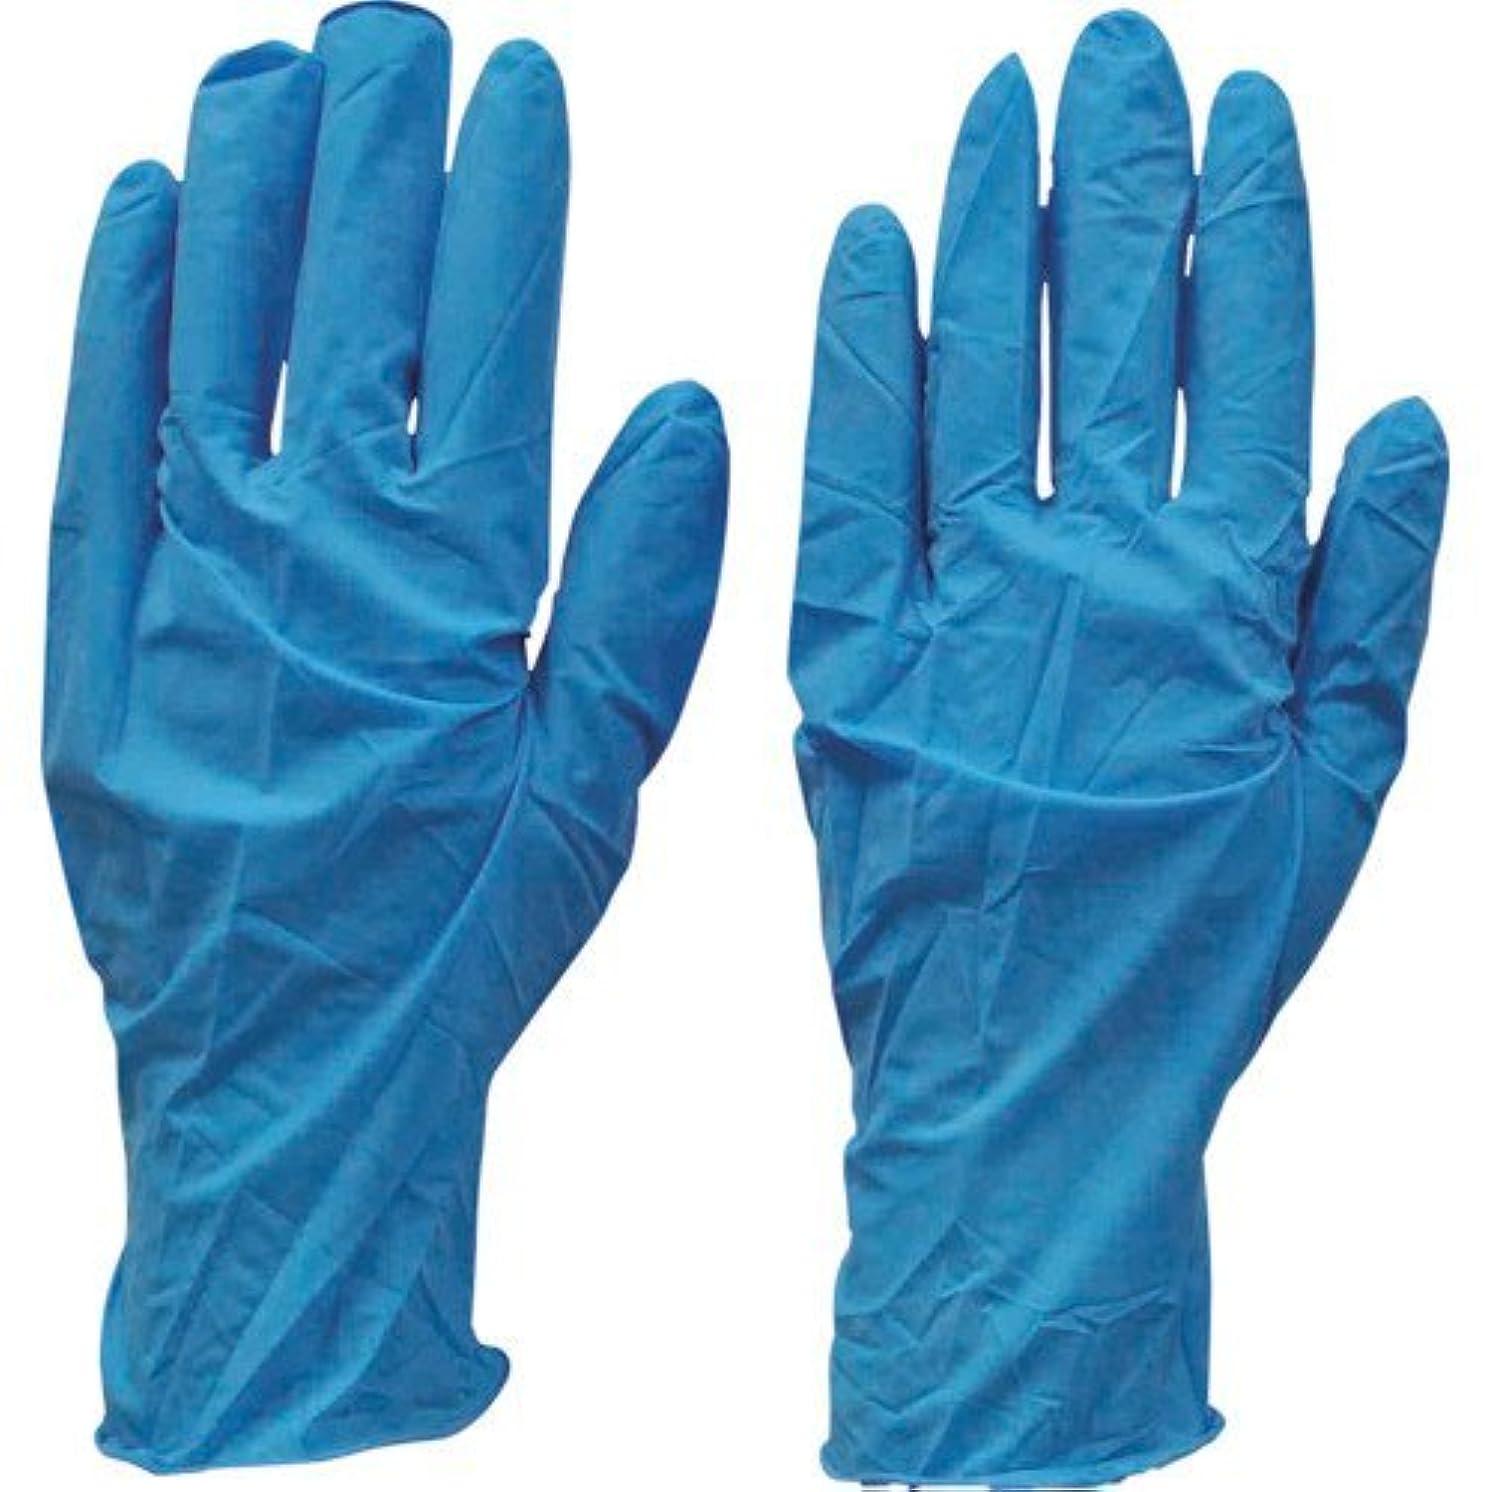 彼女は割れ目他にダンロップ N-211 天然ゴム極うす手袋100枚入 Lブルー N211LB